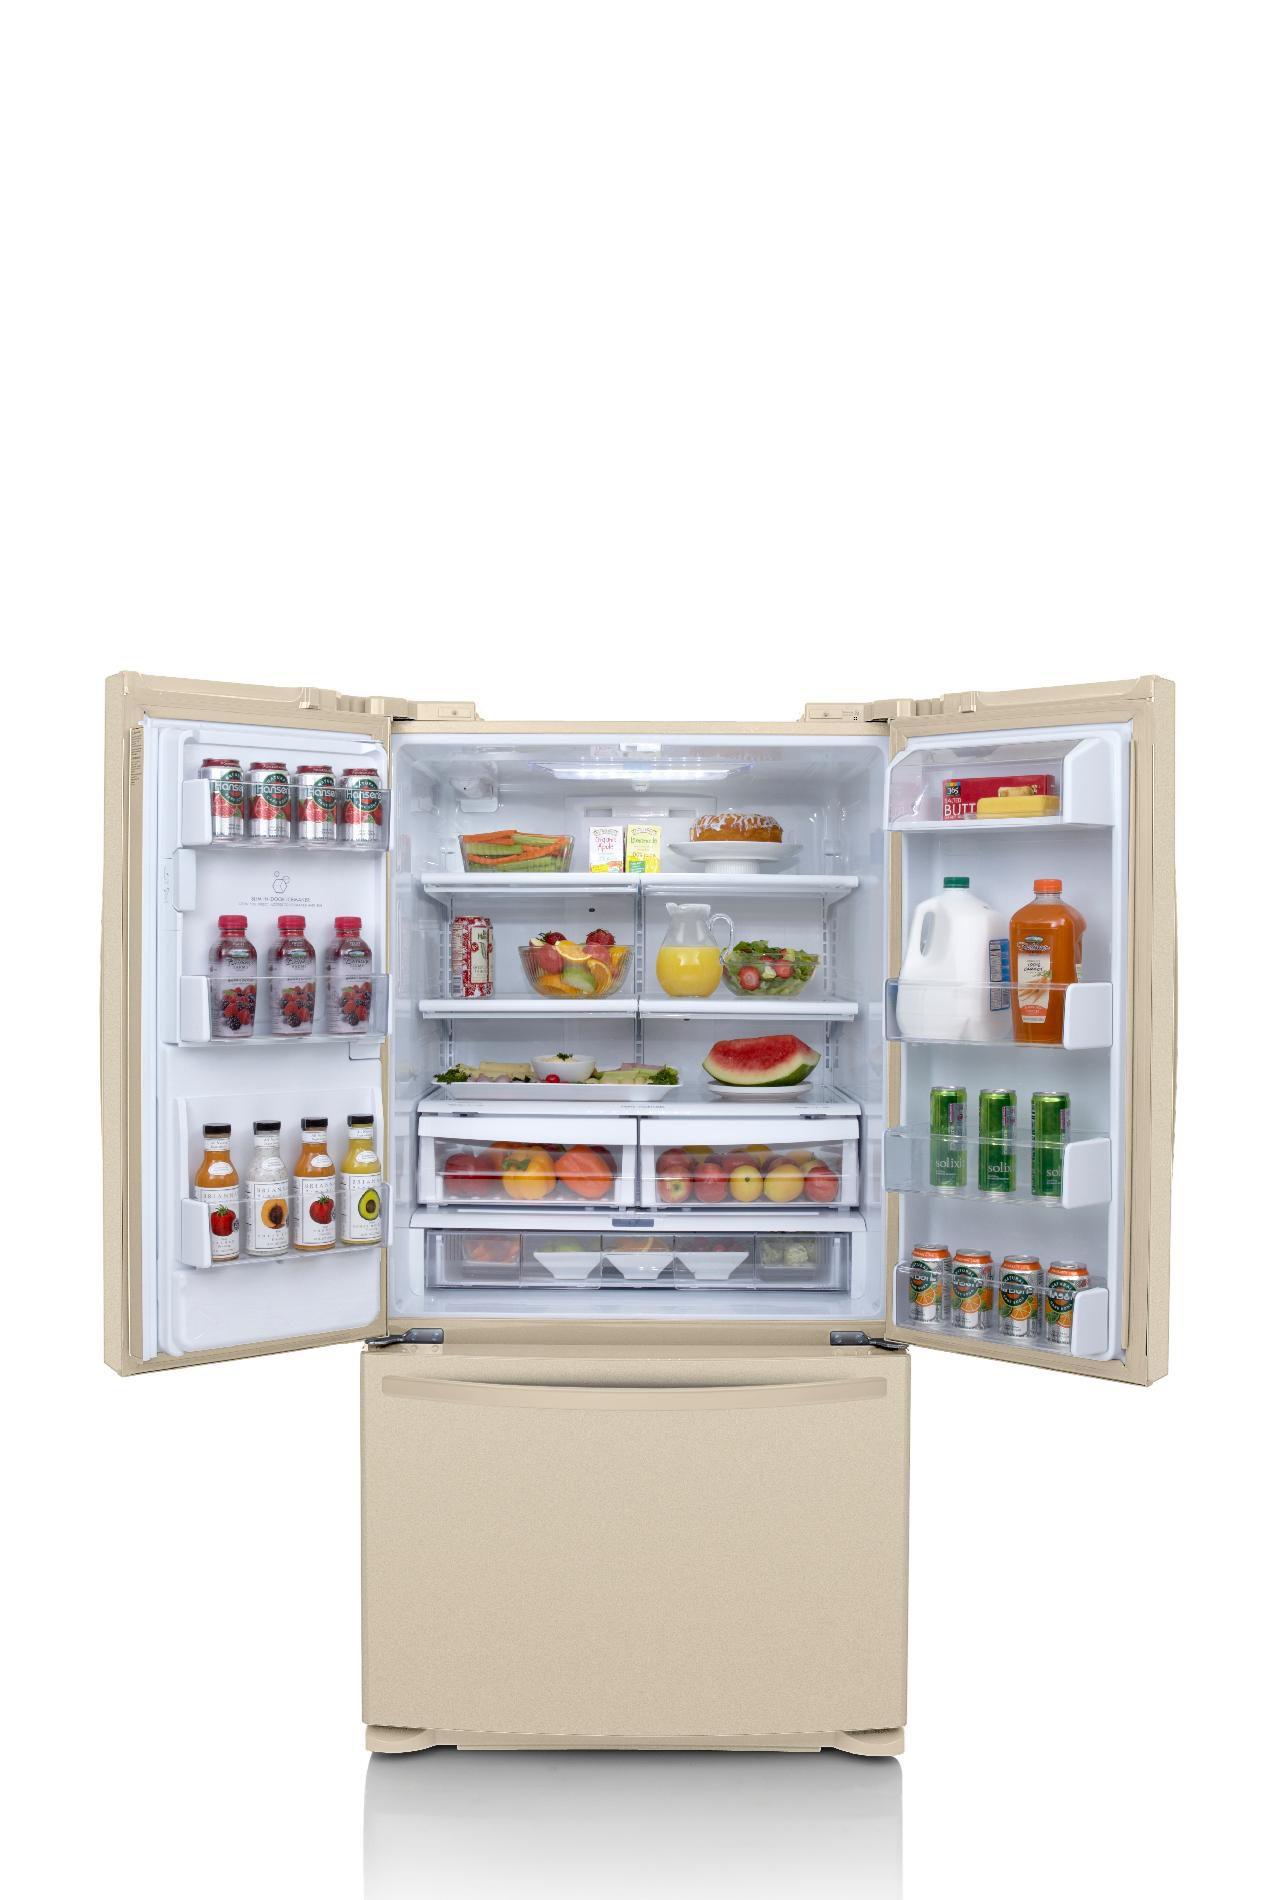 Kenmore 24.7 cu. ft. French-Door Bottom-Freezer Refrigerator Bisque